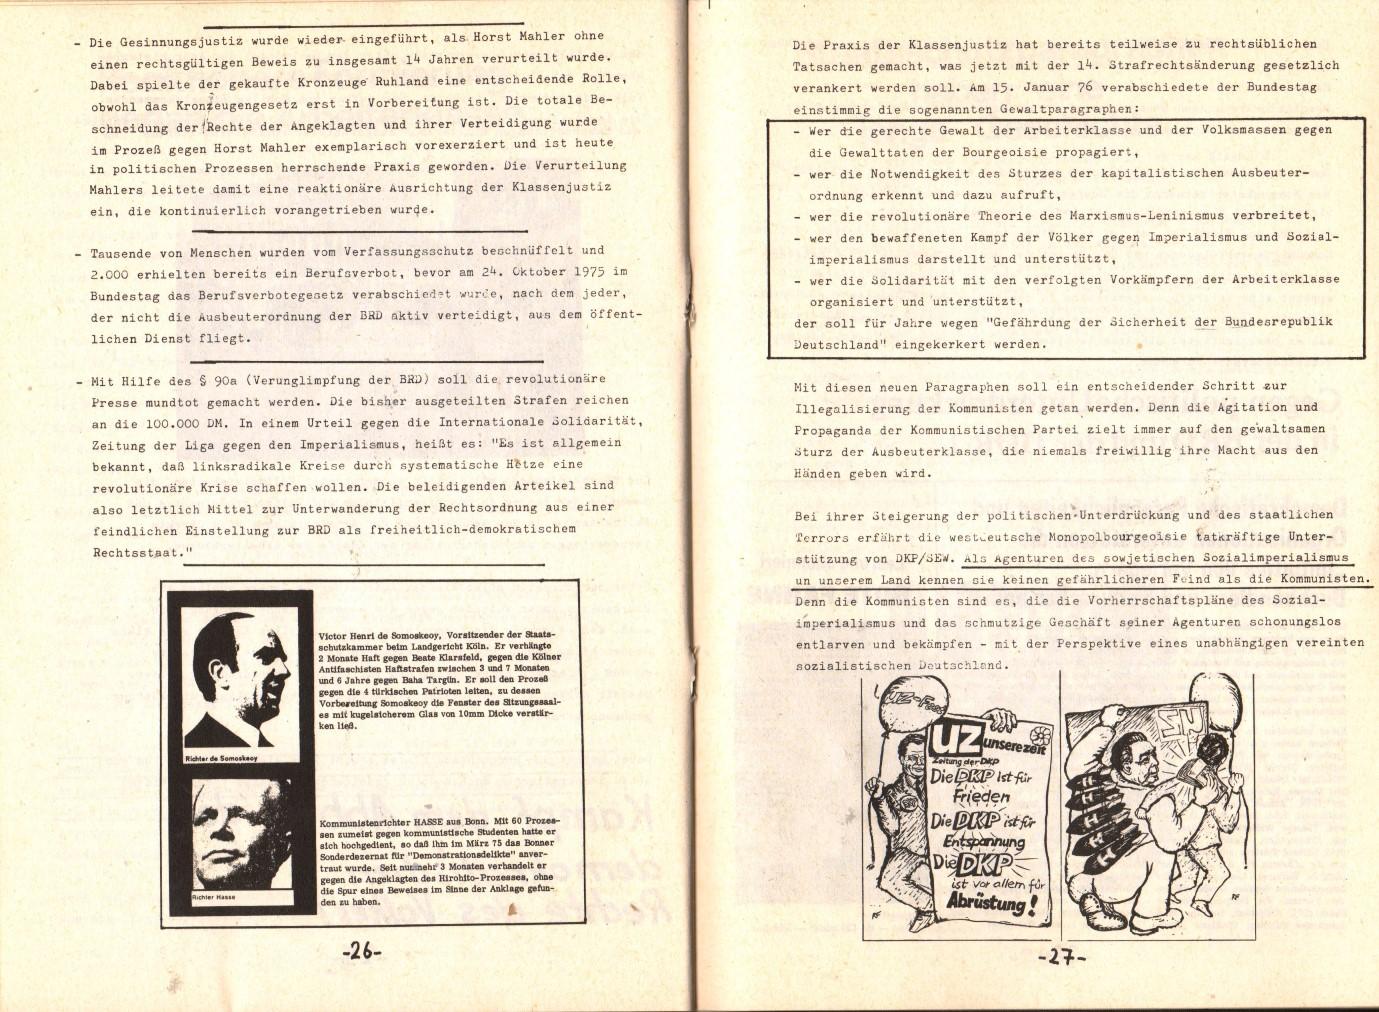 Berlin_KPD_1976_Staatsschutzprozess_15